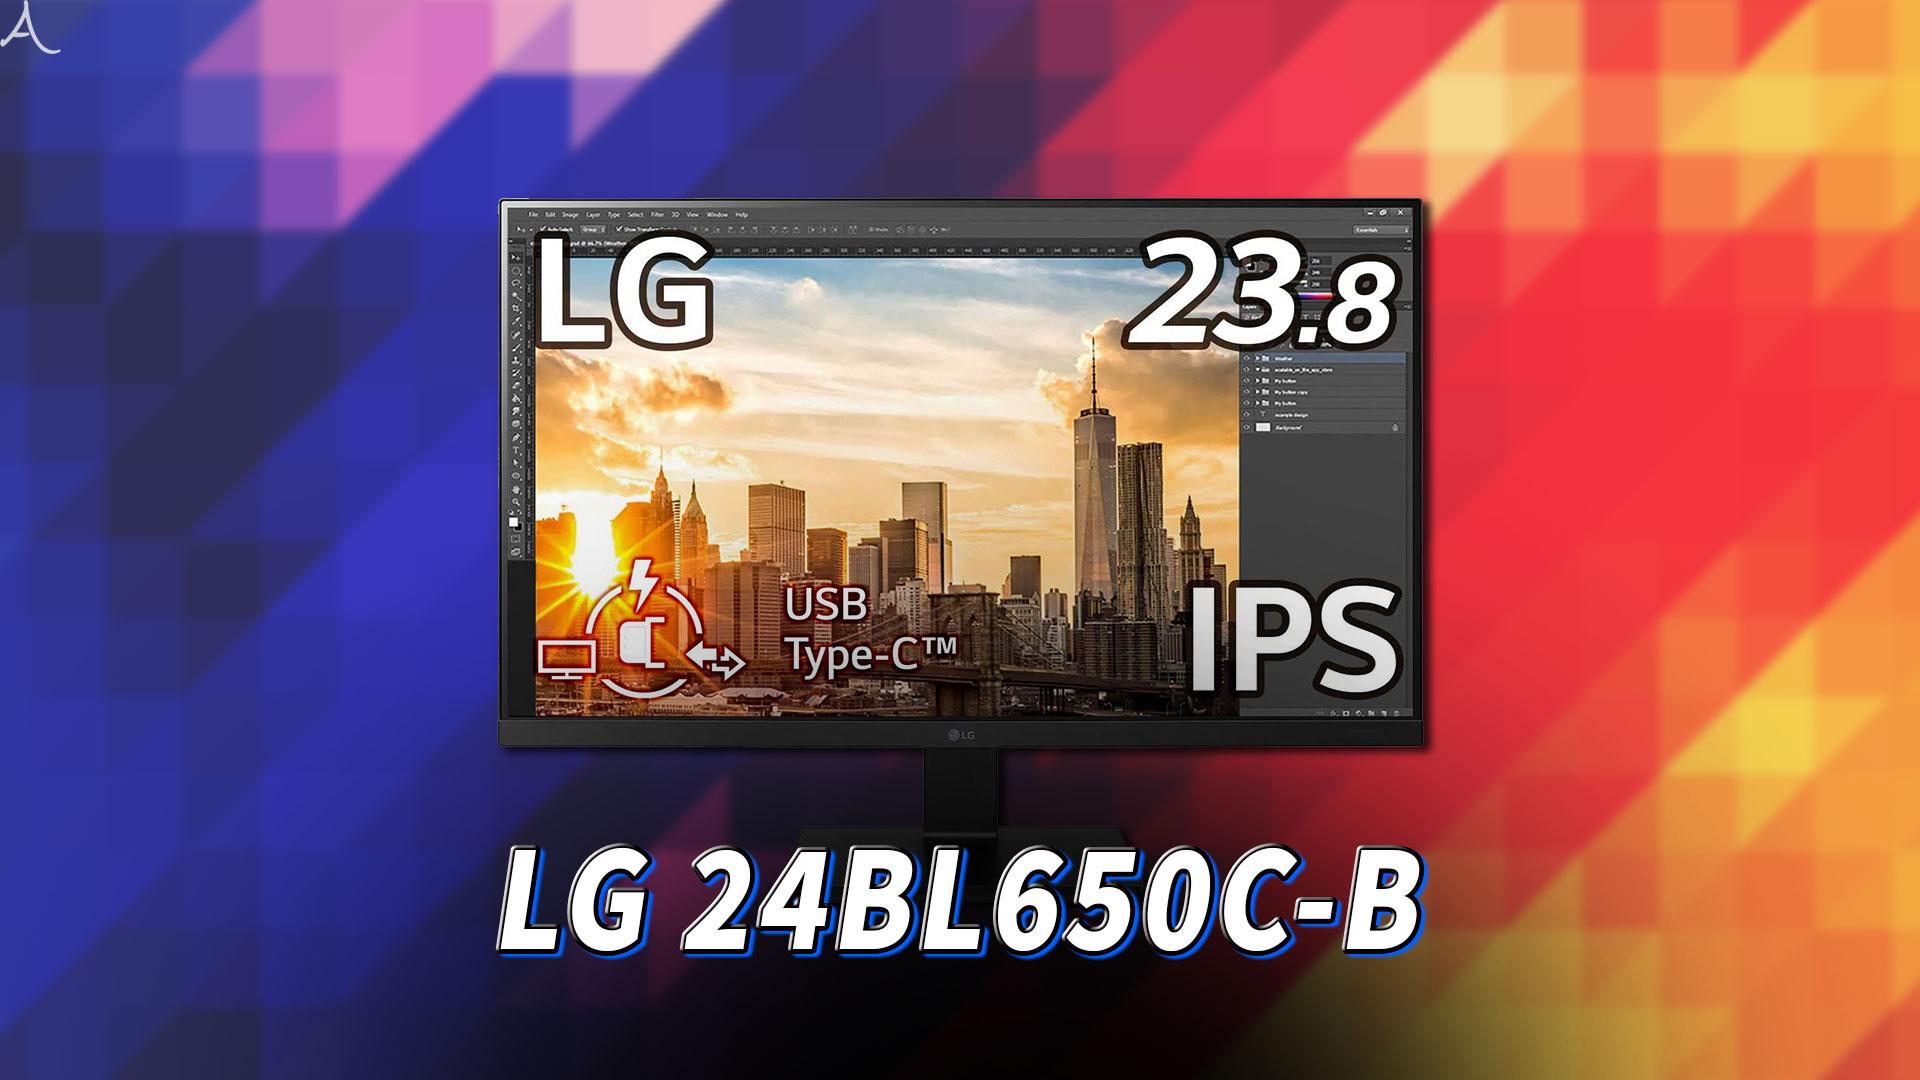 「LG 24BL650C-B」ってモニターアーム使えるの?VESAサイズやおすすめアームはどれ?